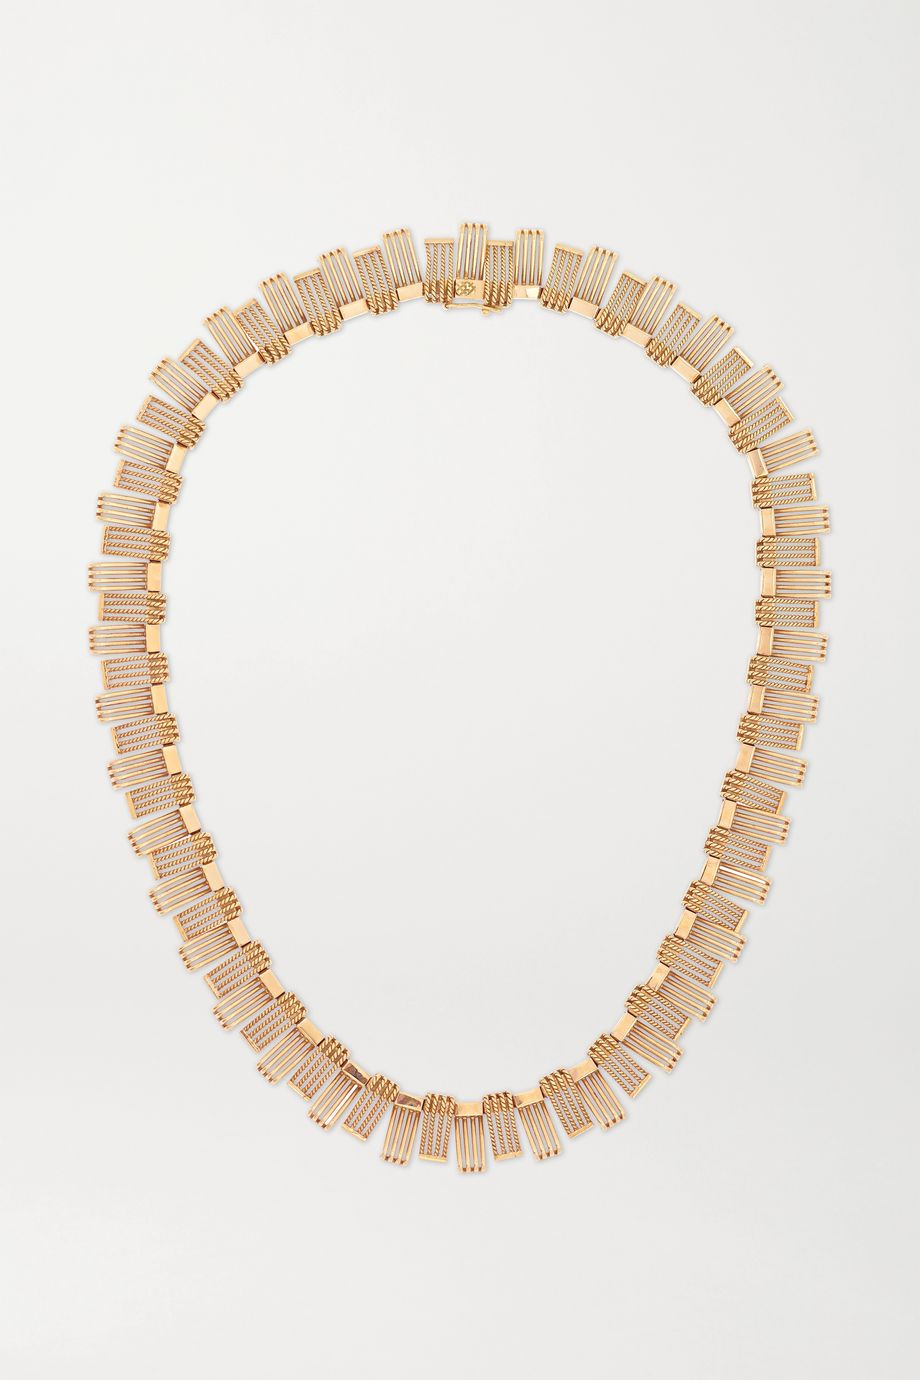 Fred Leighton 1940s 18-karat rose gold necklace